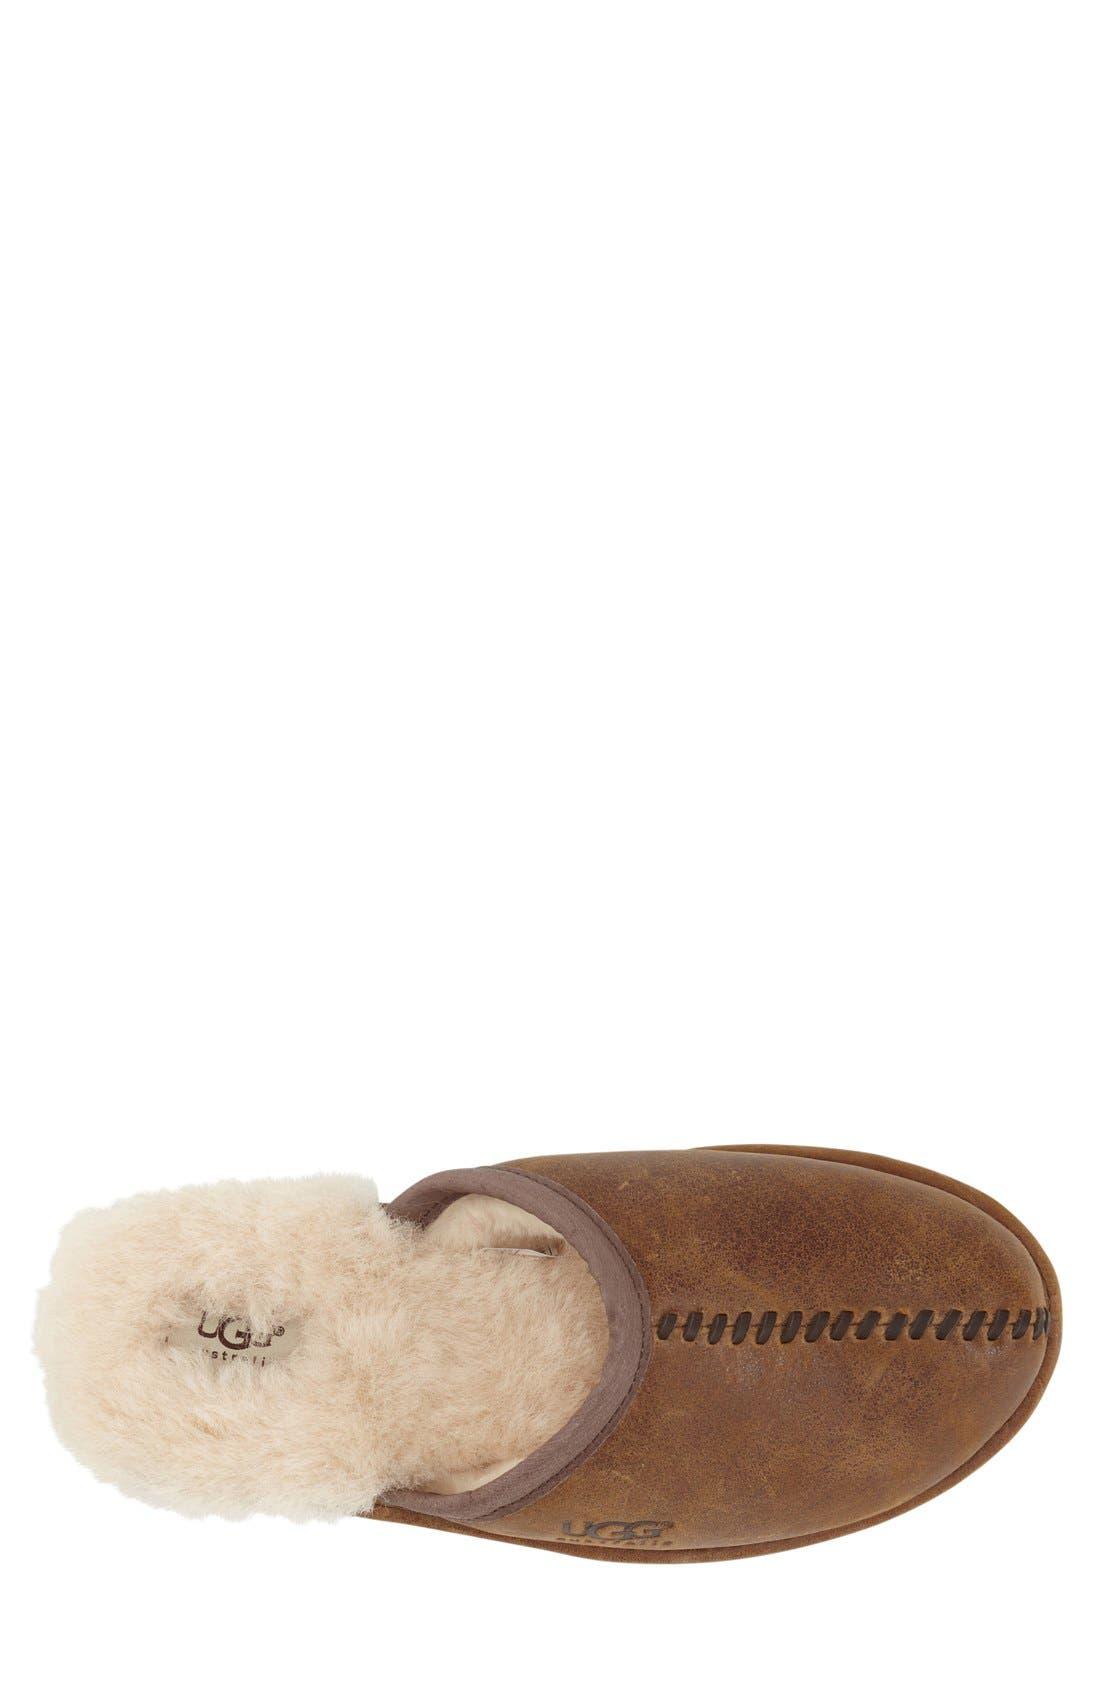 Scuff - Deco Genuine Shearling Slipper,                             Alternate thumbnail 3, color,                             219